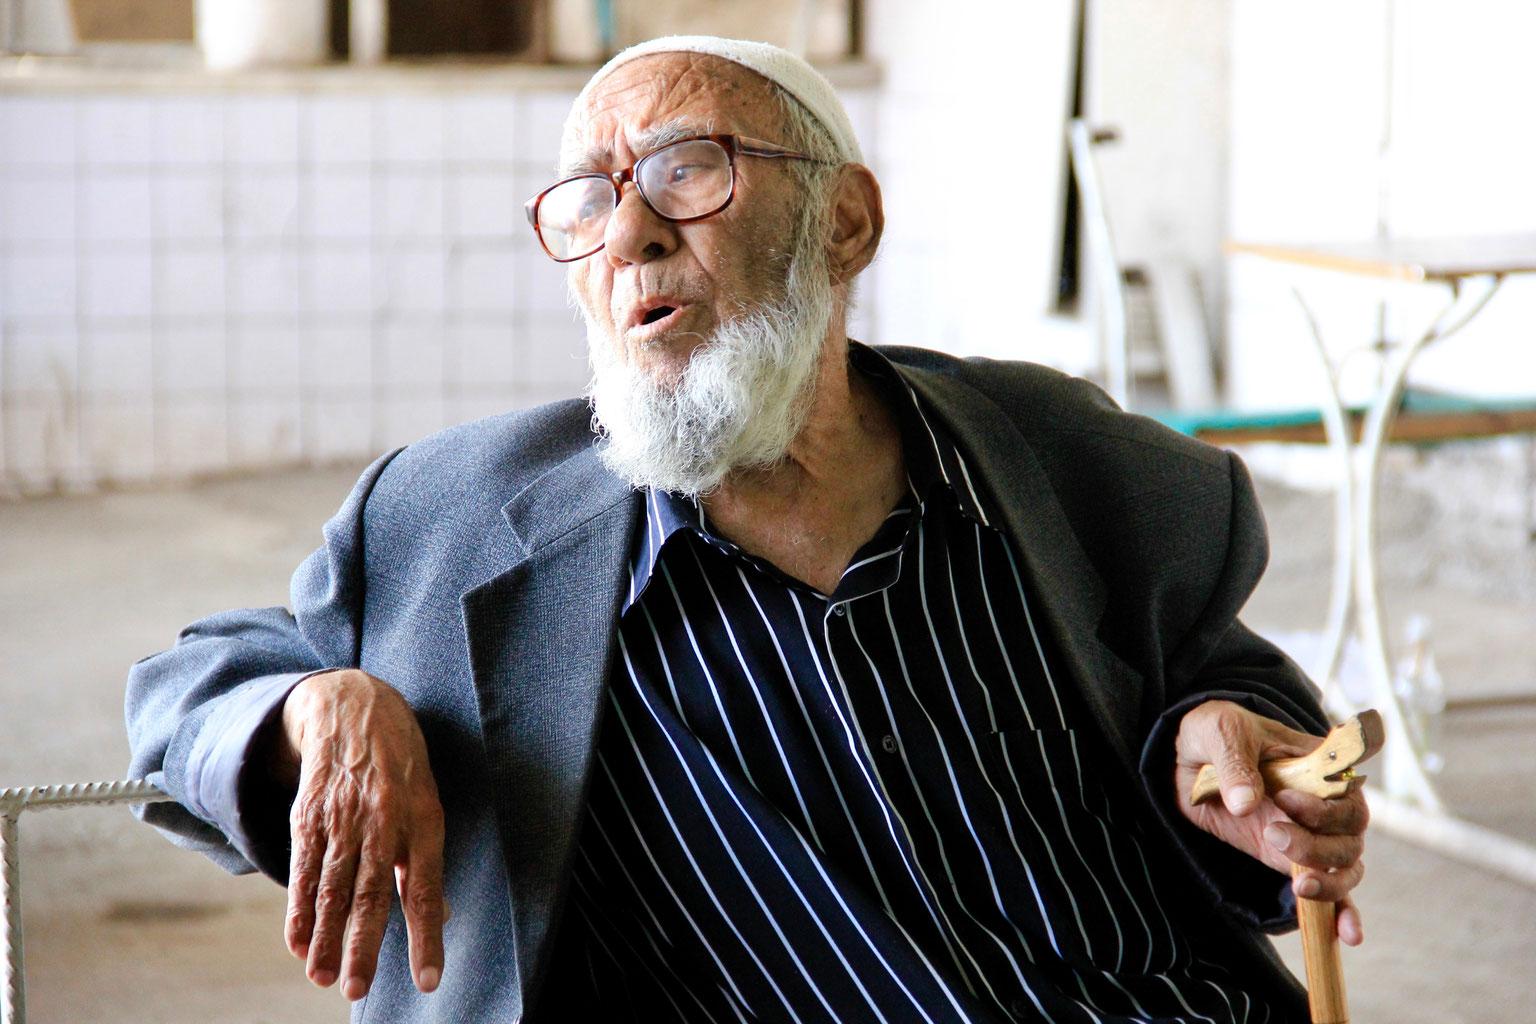 Der alte Mann der vom Leben gezeichnet ist - auf einer Bank in Osh. Das Gespräch mit ihm war ehrlich, direkt aus dem leben.